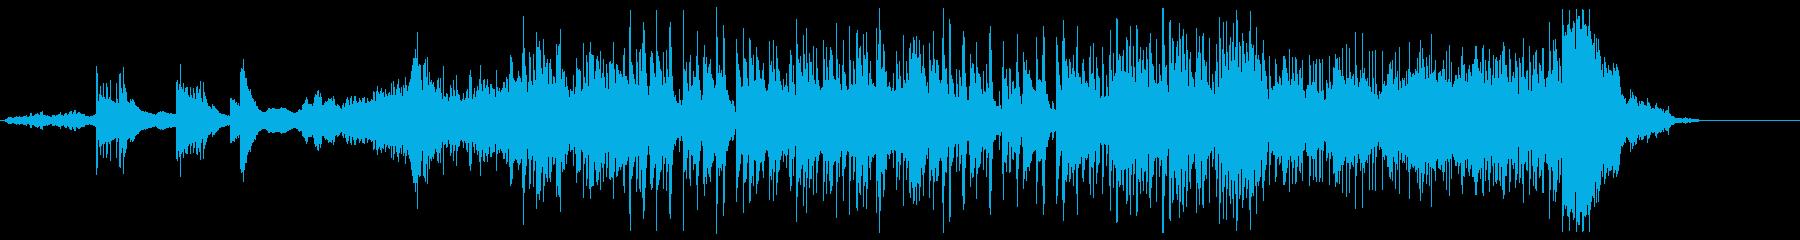 幻想的な和風曲(middle)の再生済みの波形